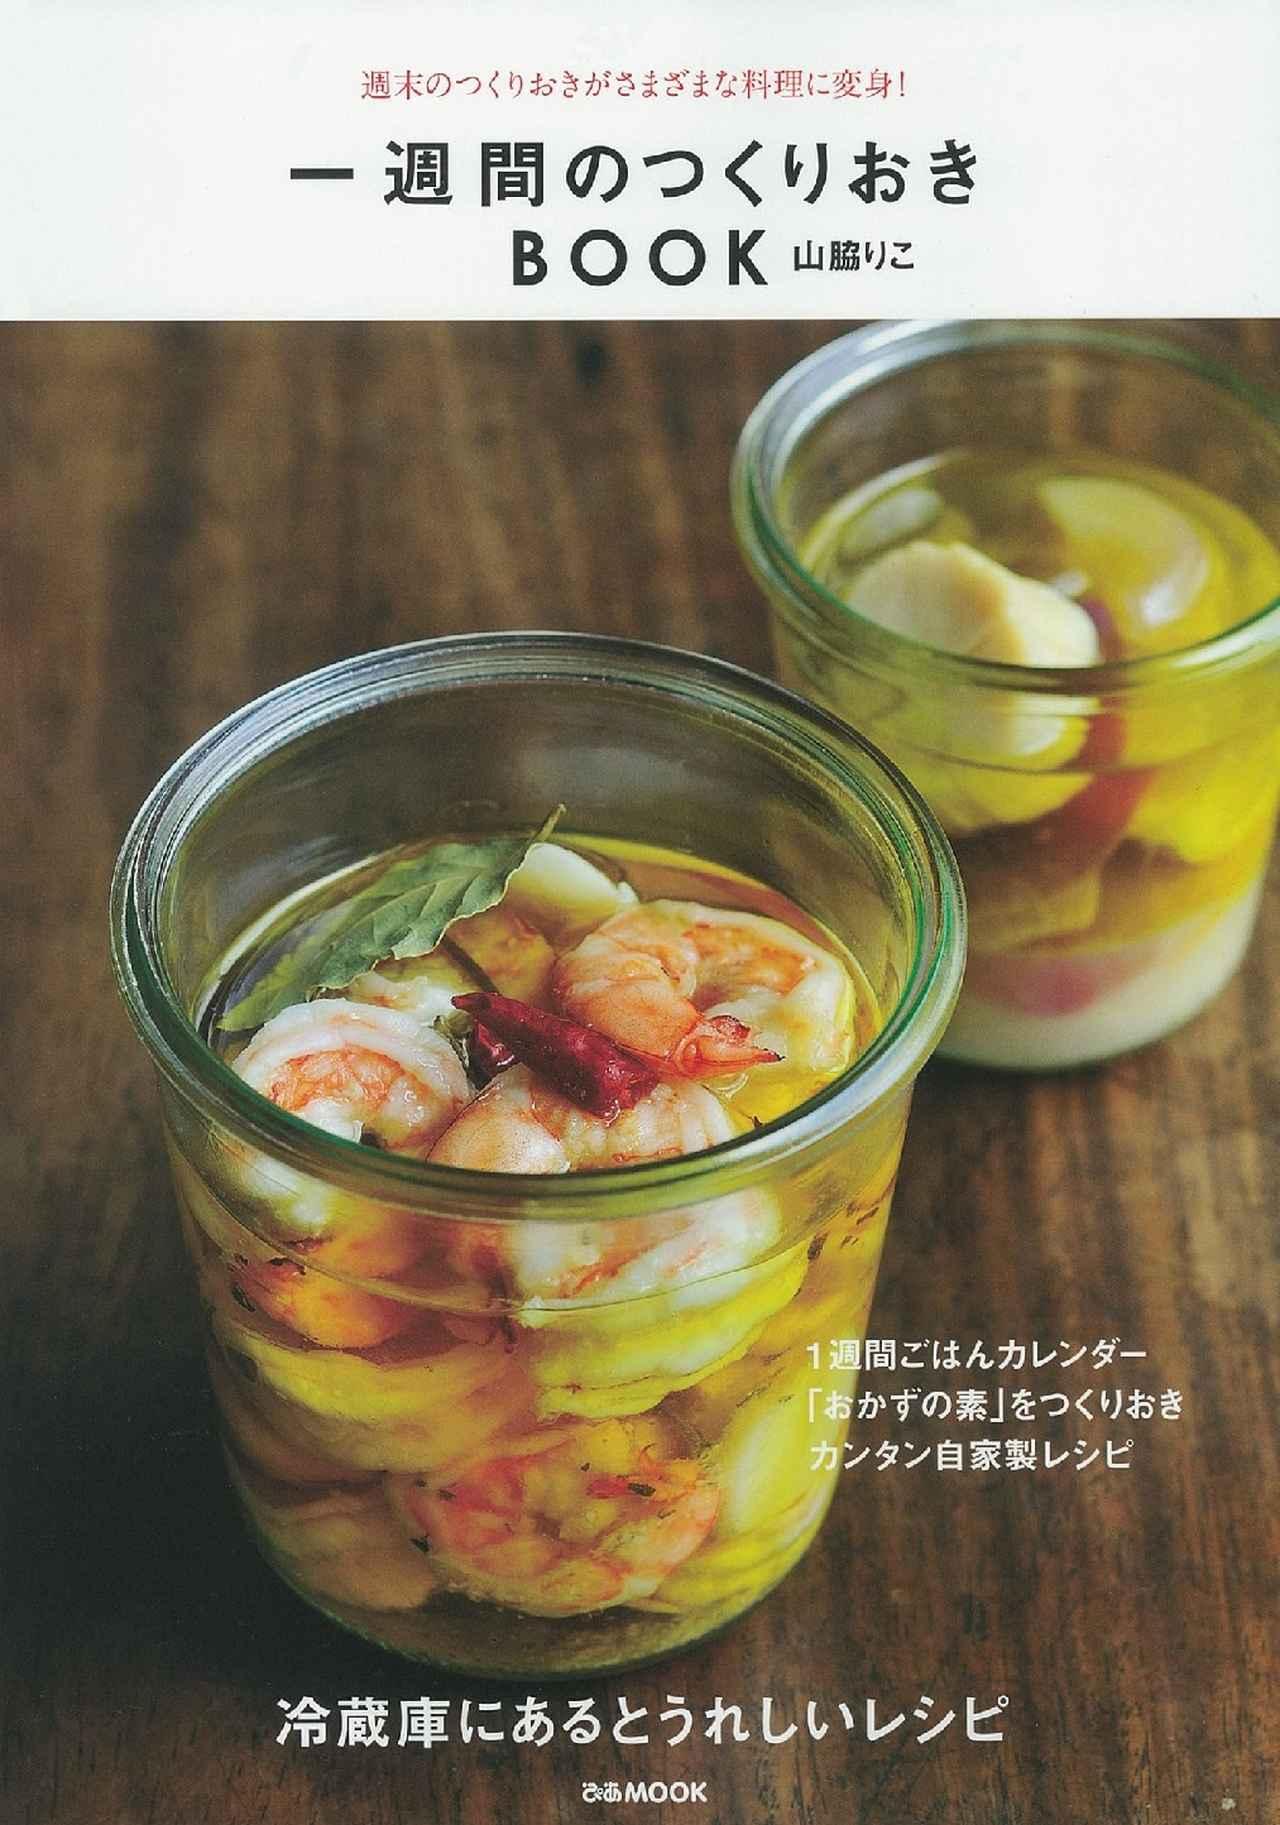 画像: 週末のつくりおきがさまざまな料理に変身!山脇りこ 『 一週間のつくりおきBOOK 』発売!